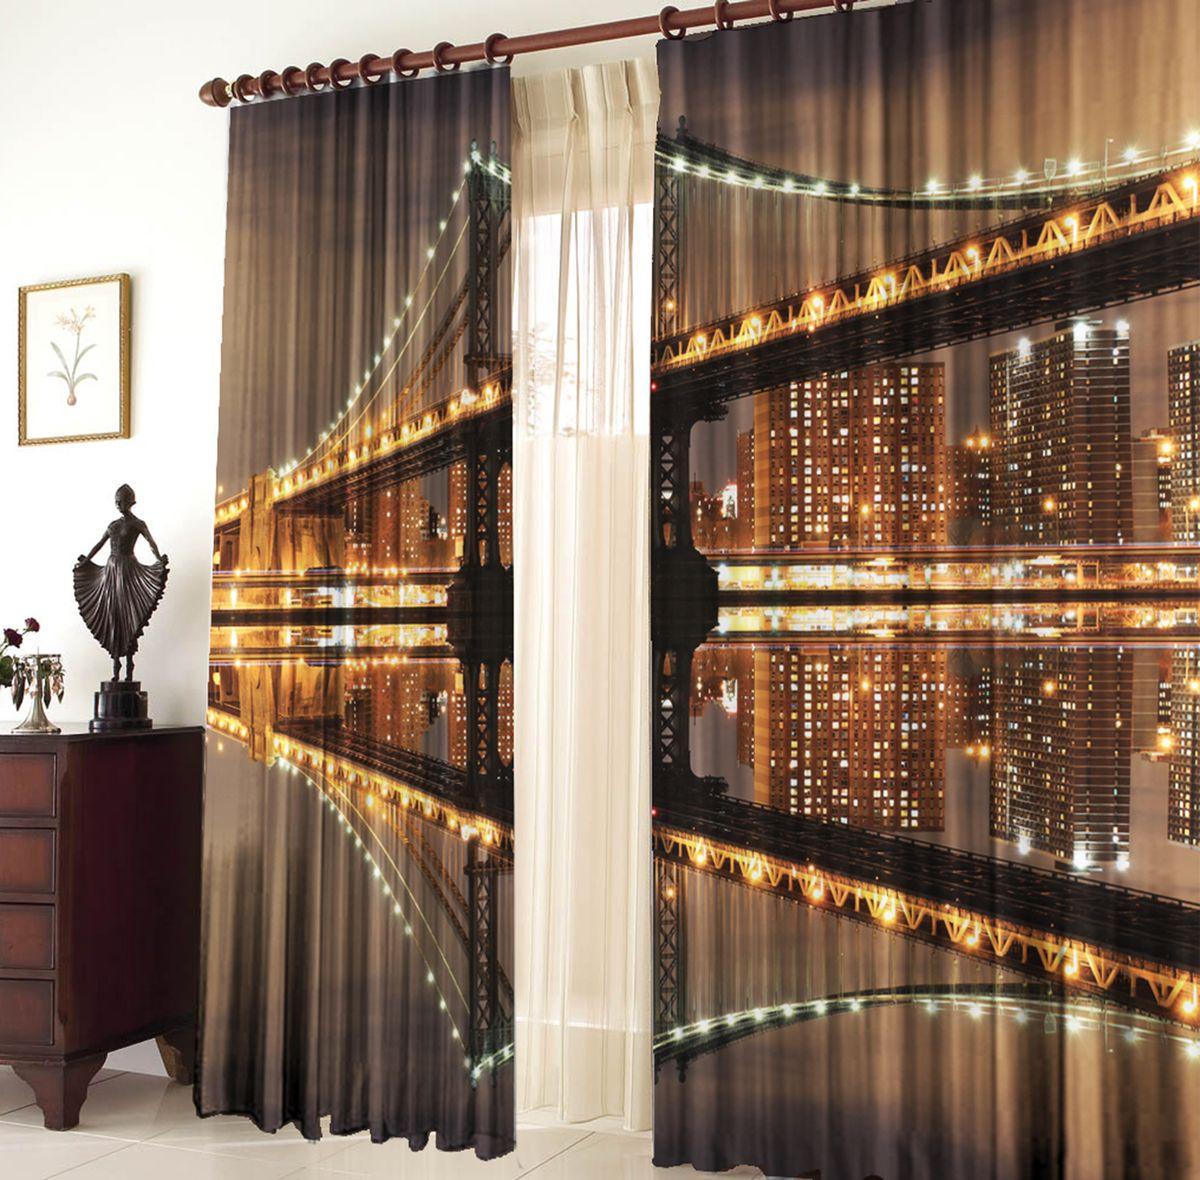 Комплект фотоштор Zlata Korunka Мост, на ленте, высота 270 см1004900000360Комплект фотоштор Zlata Korunka изготовлен из габардиновой ткани высочайшего качества. Фотошторы способны не пропускать самый яркий свет, их можно гладить и стирать. Рекомендации по уходу: бережная стирка при 30°С, деликатный отжим, отбеливание запрещено, гладить при температуре не более 150°С. Светопоглощение 70%. Плотность ткани: 150 г/м2. Оттенок изделия может отличаться от представленного на сайте в силу особенностей цветопередачи фототехники и вашего монитора.